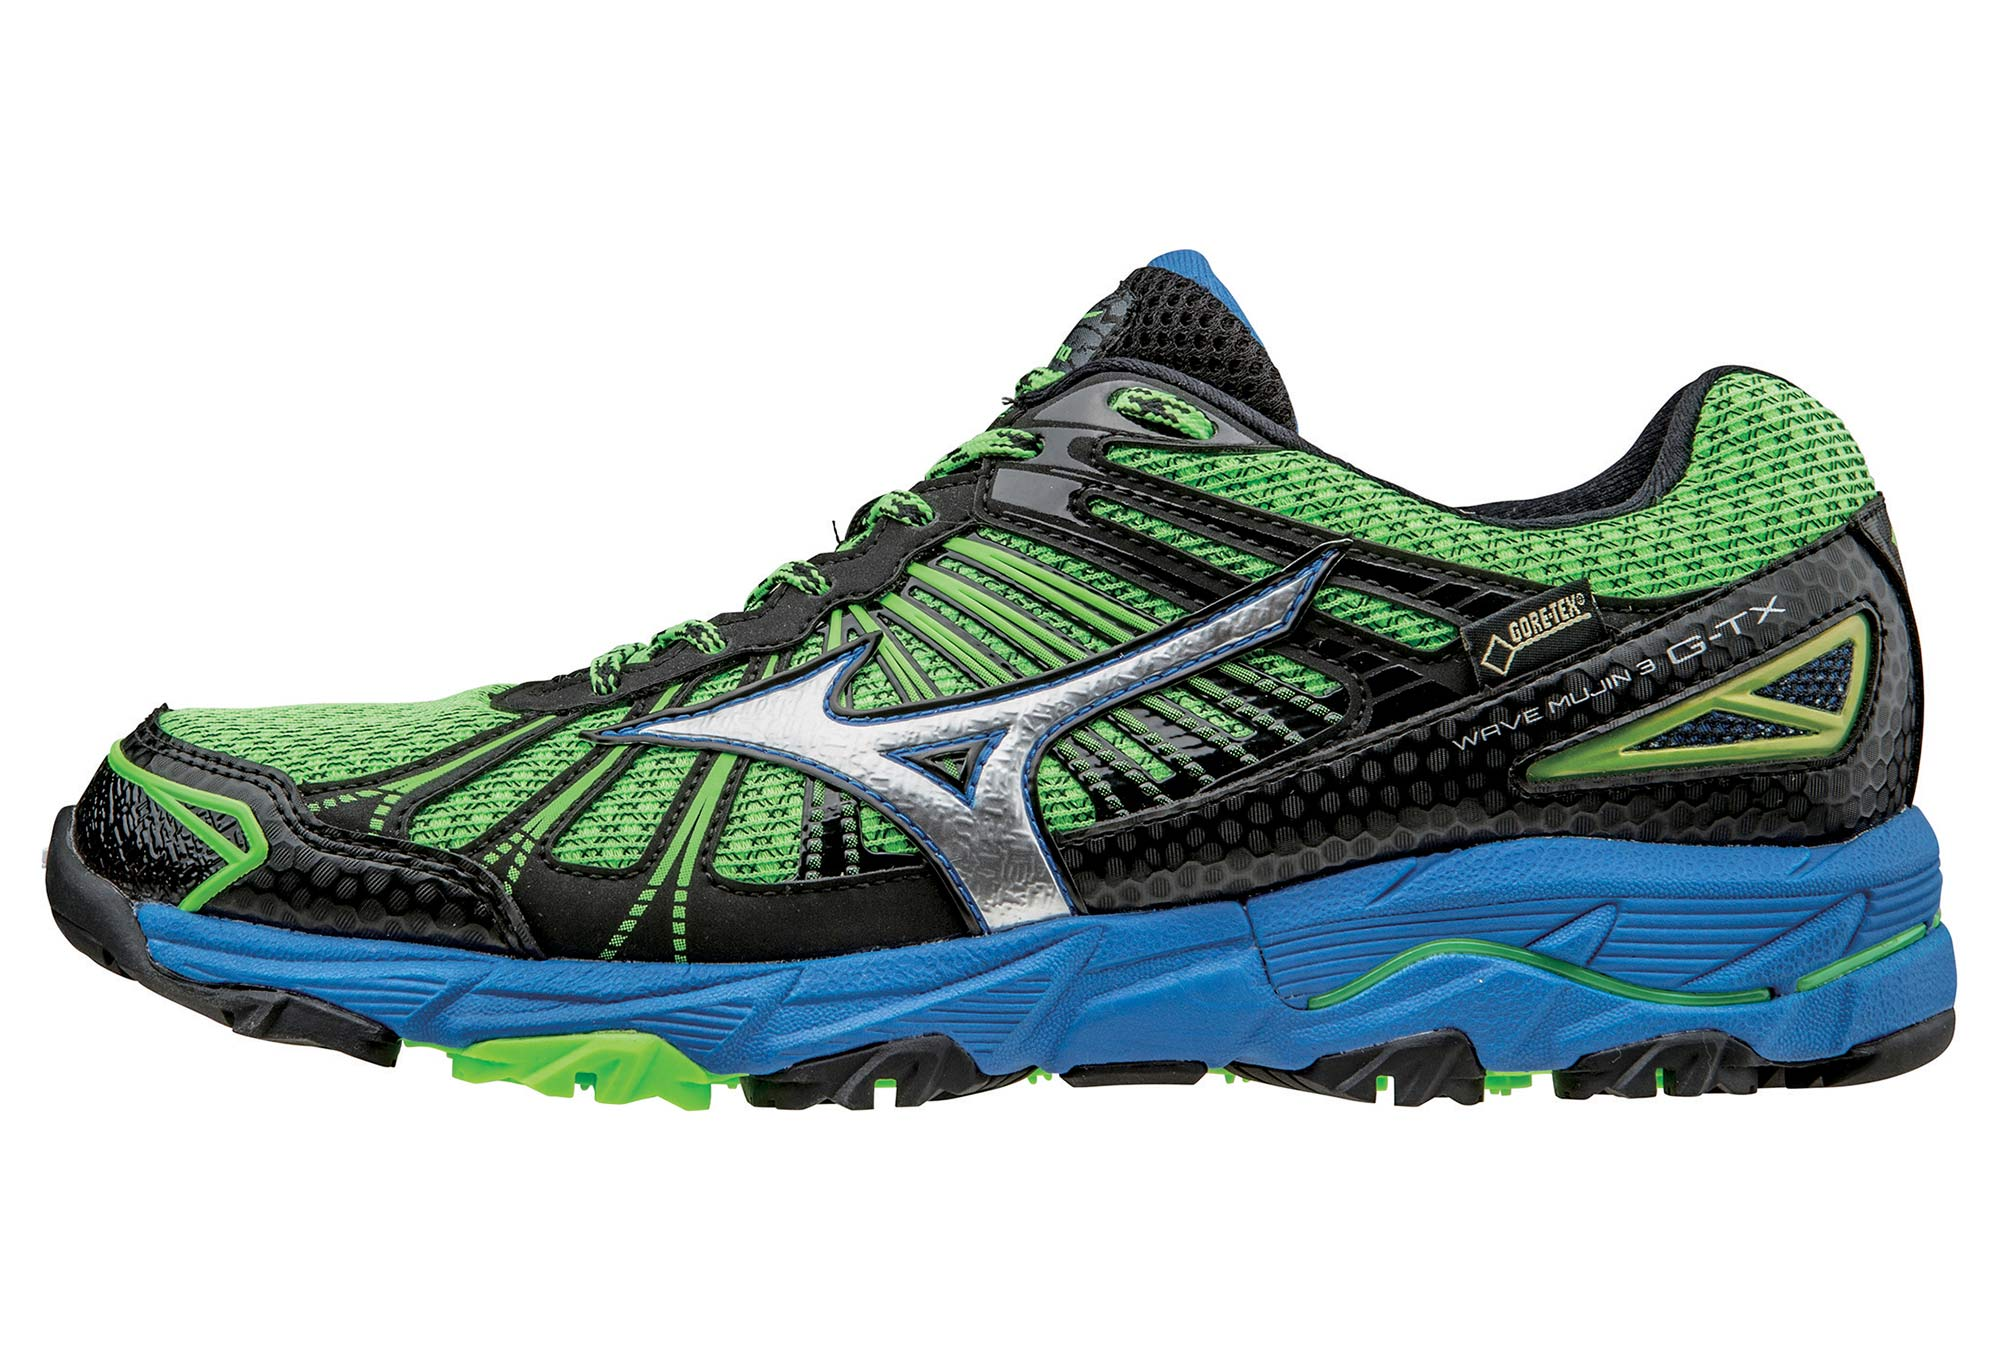 Mizuno De Chaussures Mujin Gtx Bleu Vert Trail Wave 3 wwfE4F